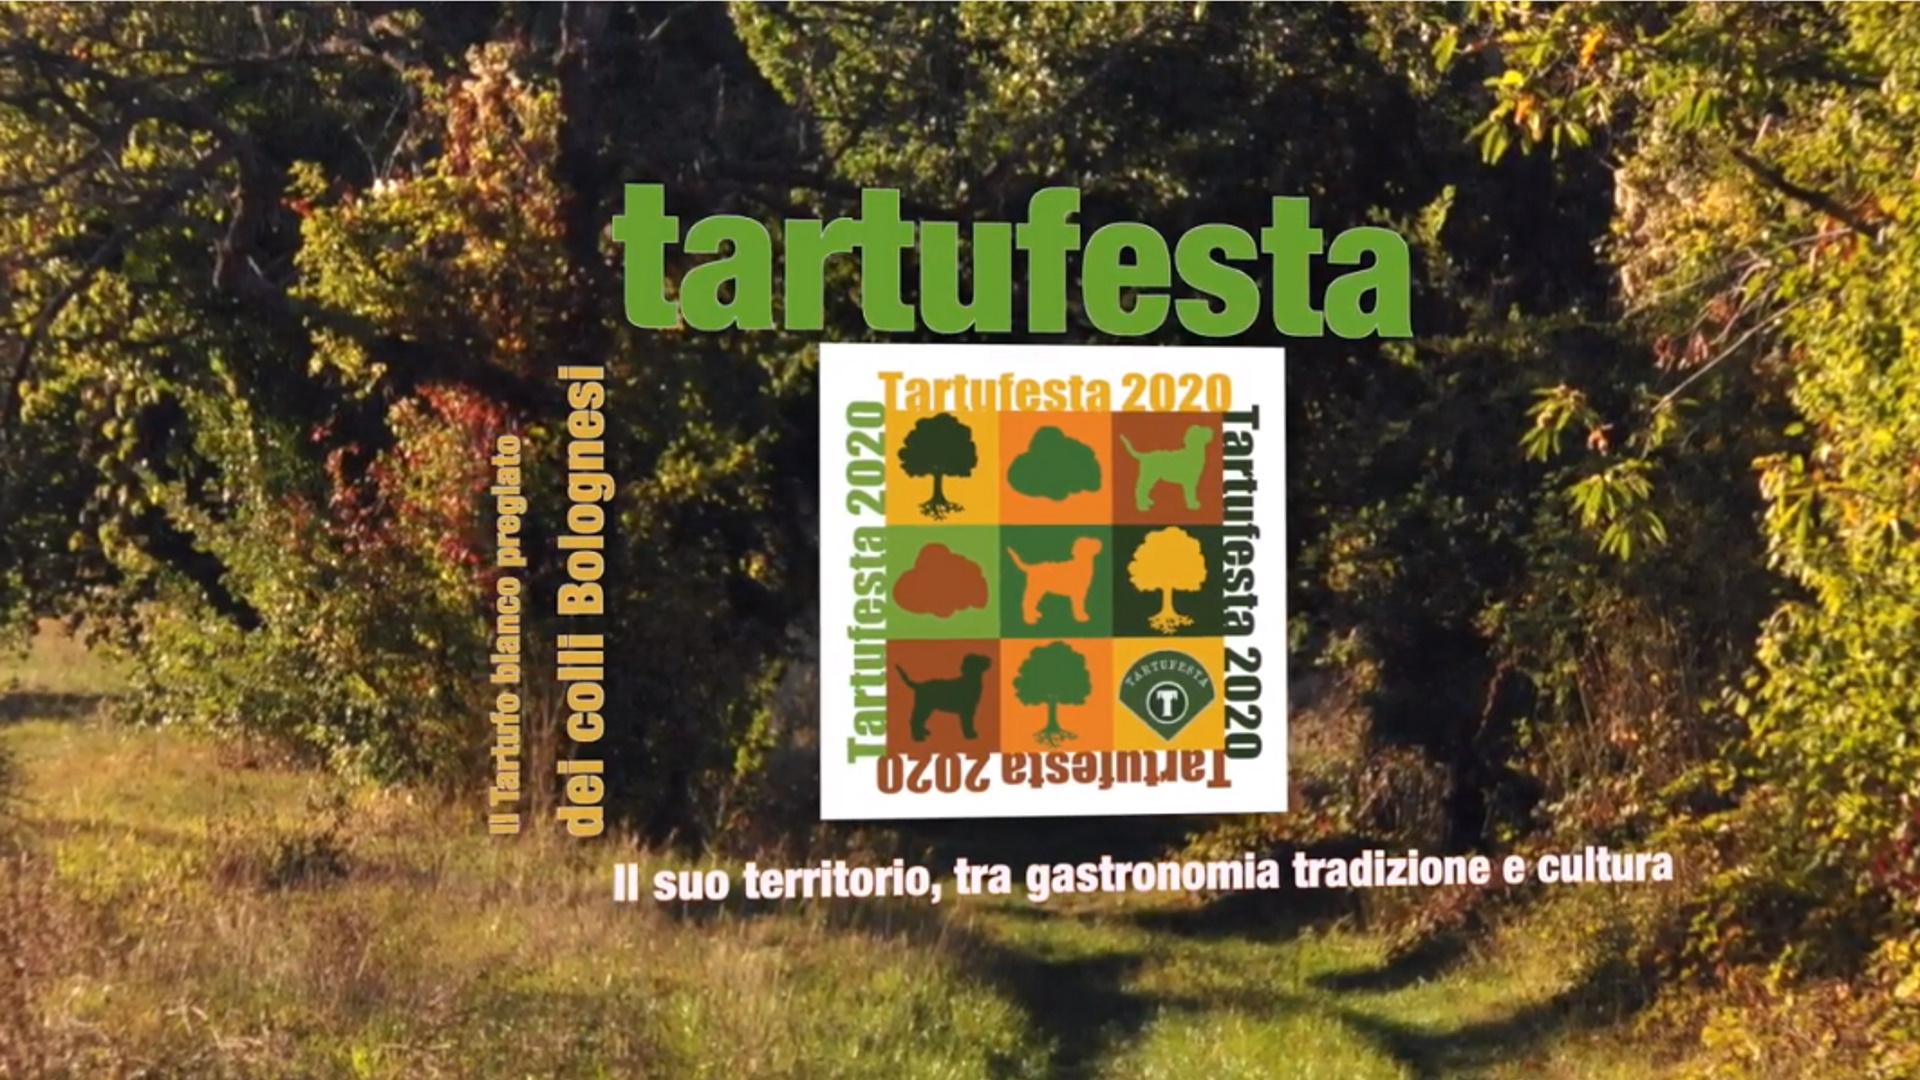 Tartufesta 2020